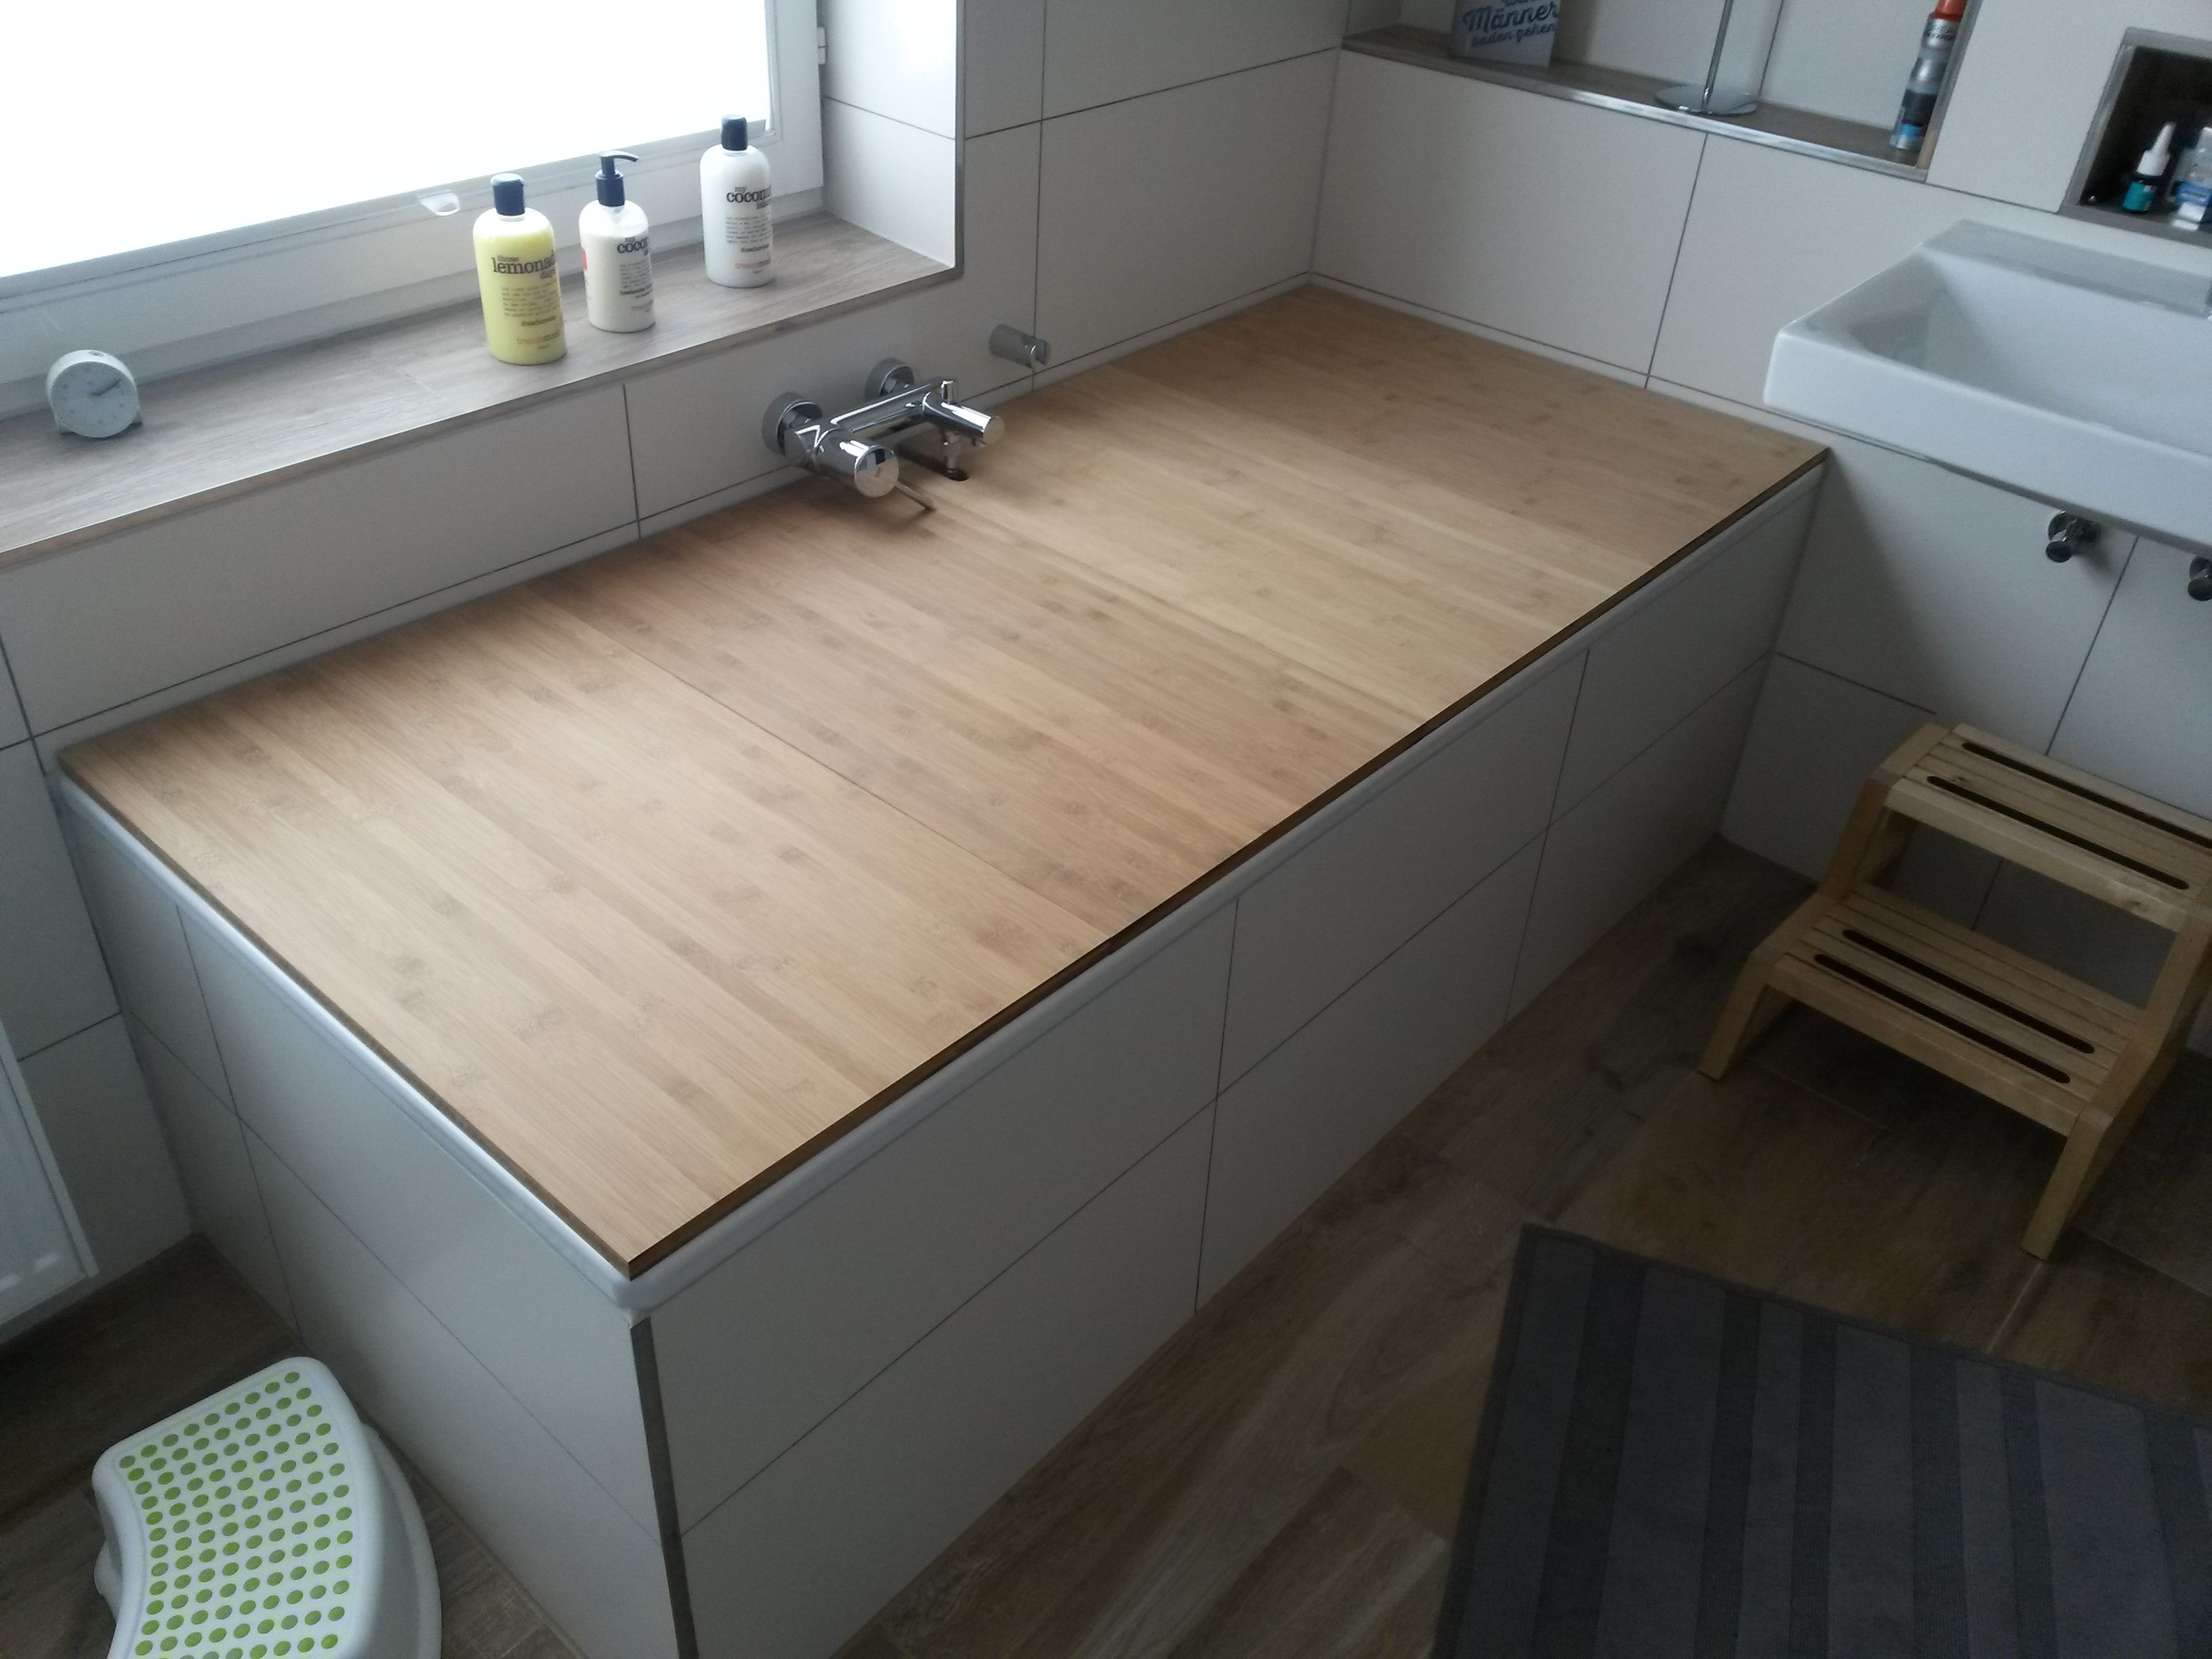 Badewannen Abdeckung Bauanleitung Zum Selber Bauen Badewanne Abdeckung Badewannenabdeckung Kleines Badezimmer Umgestalten